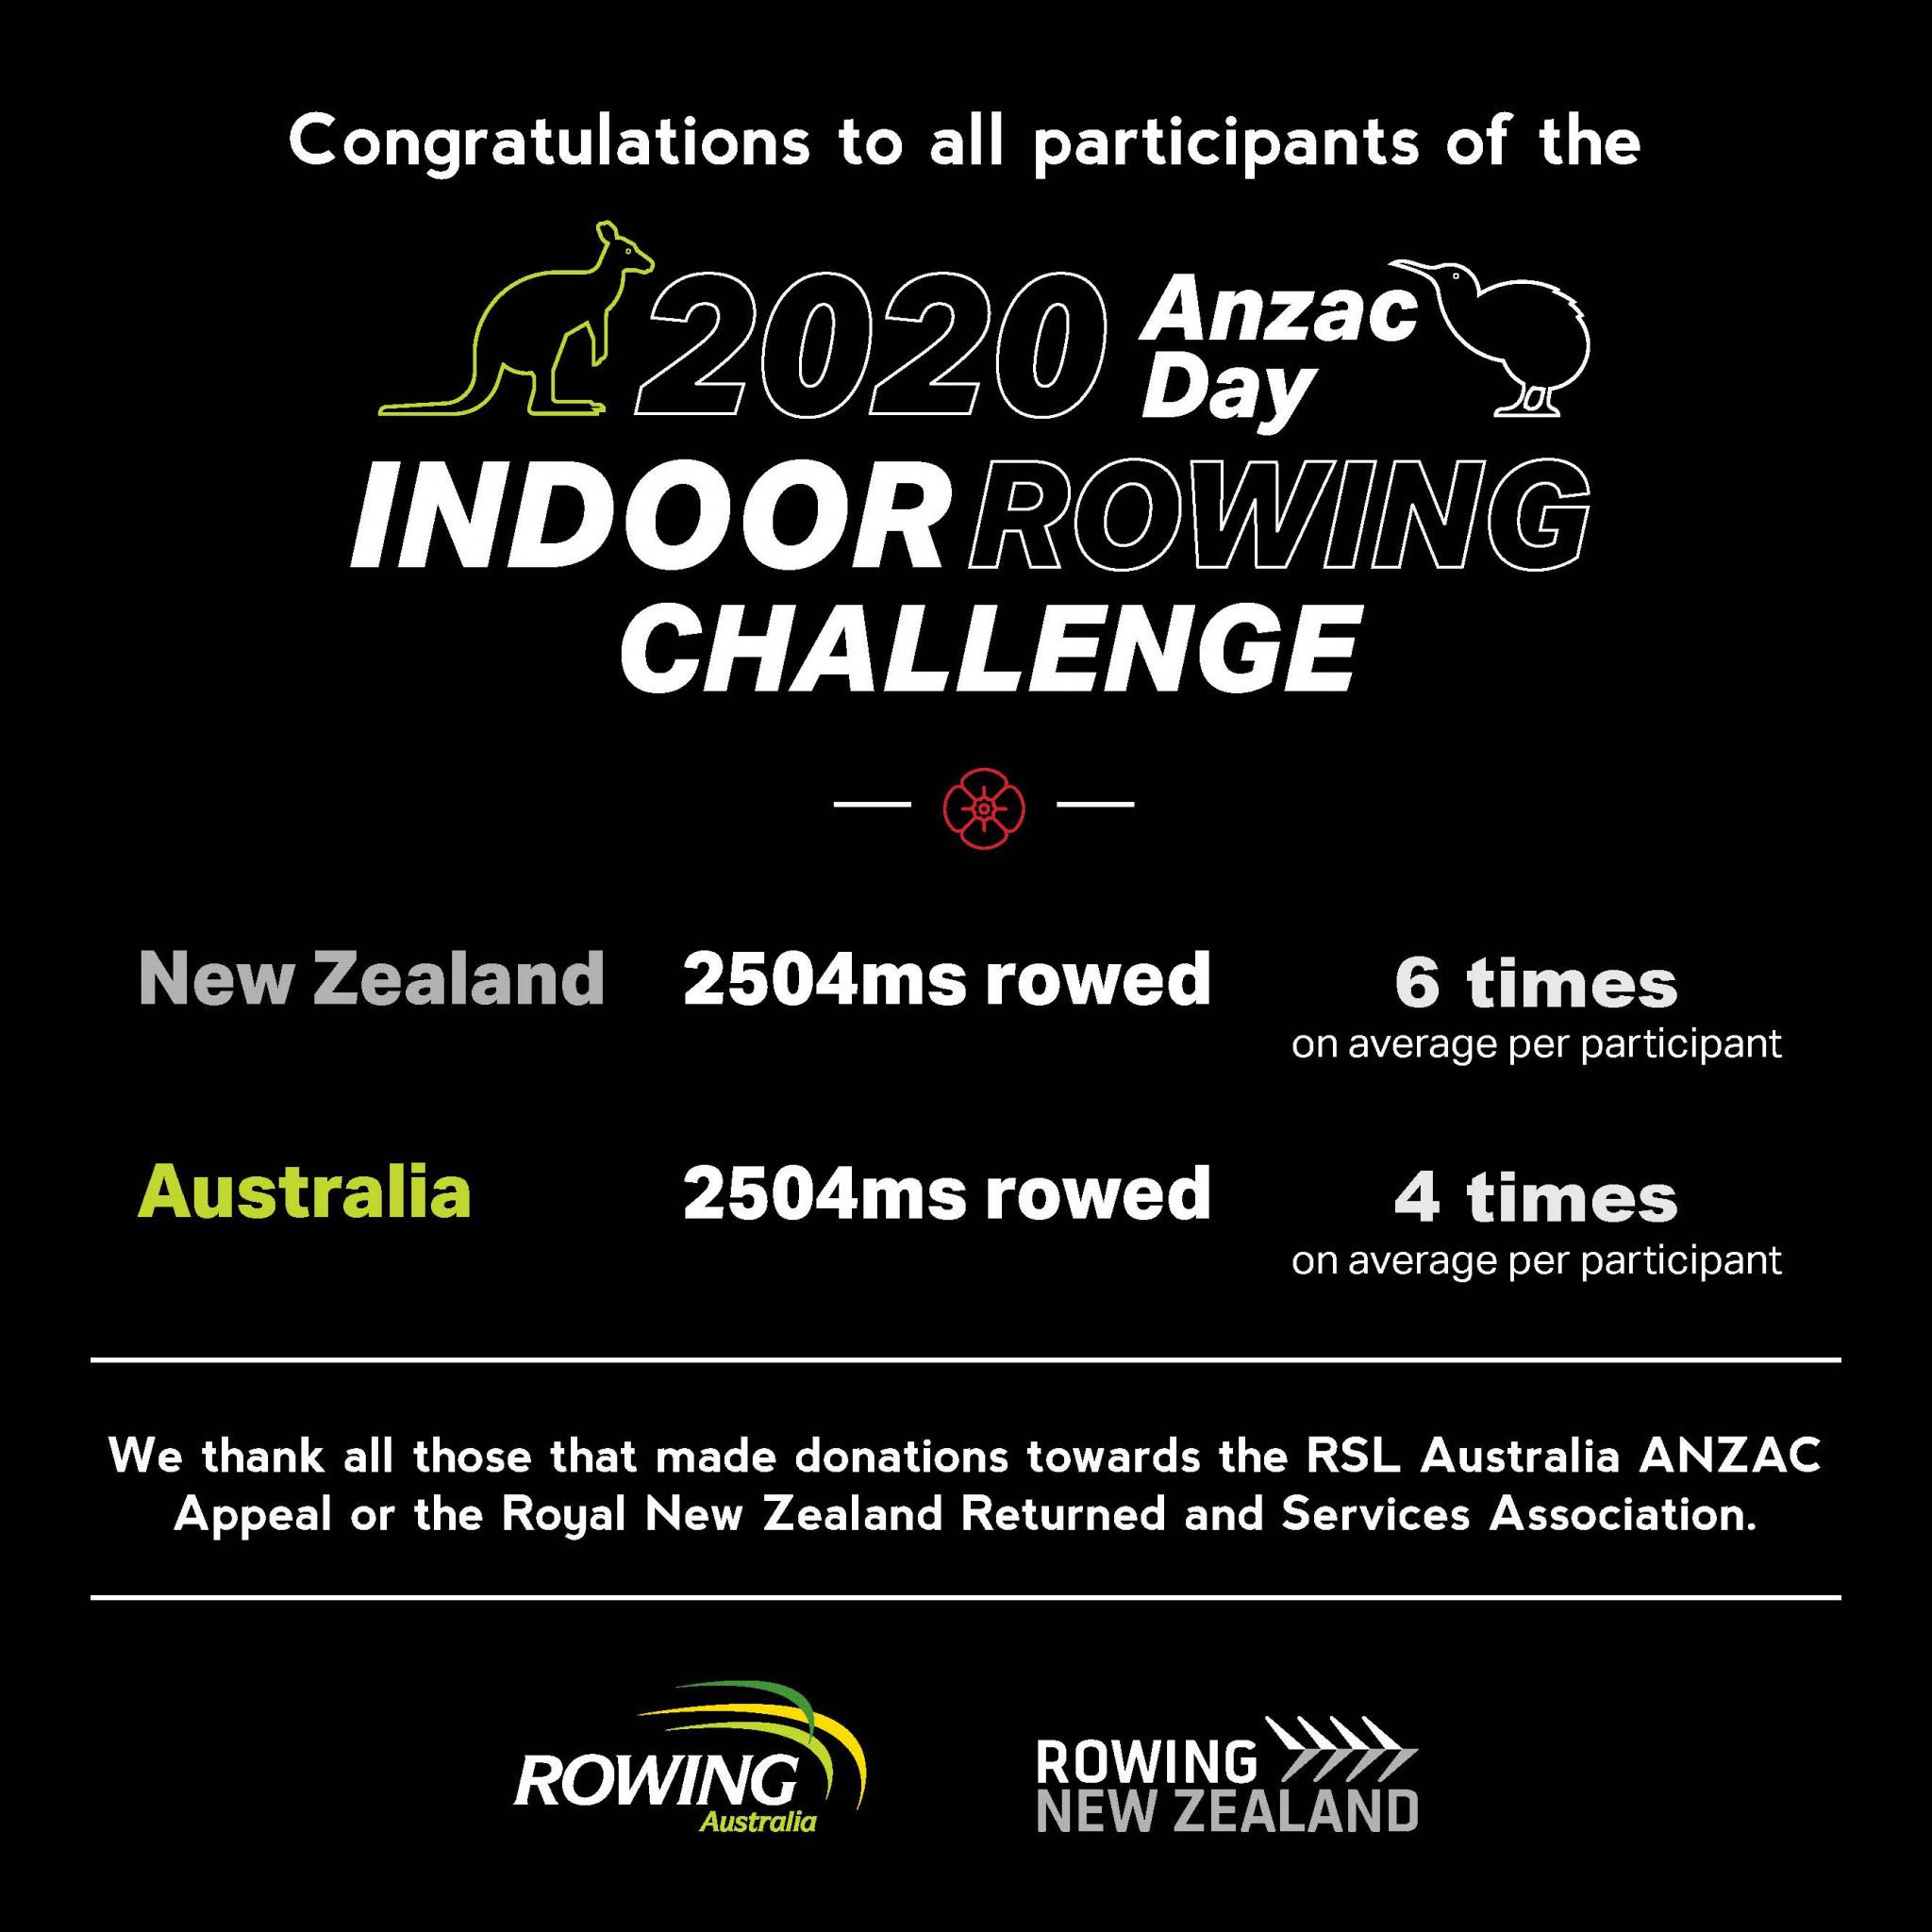 New Zealand defeat Australia in Anzac Day Indoor Rowing Challenge